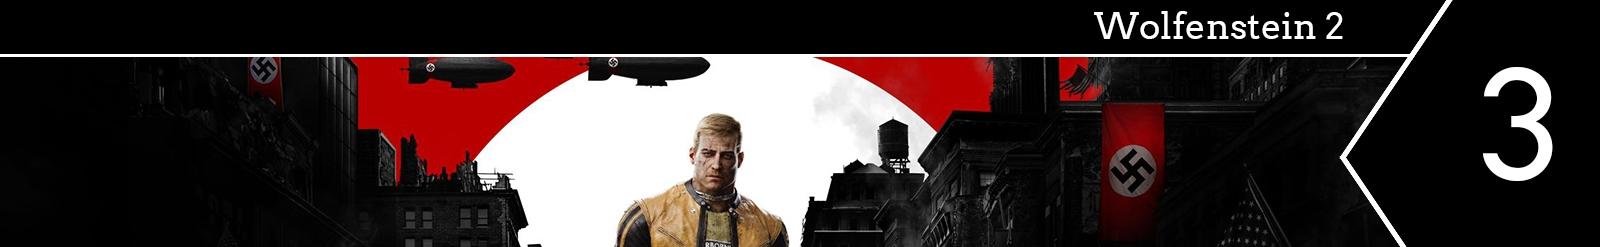 3_Wolfenstein 2